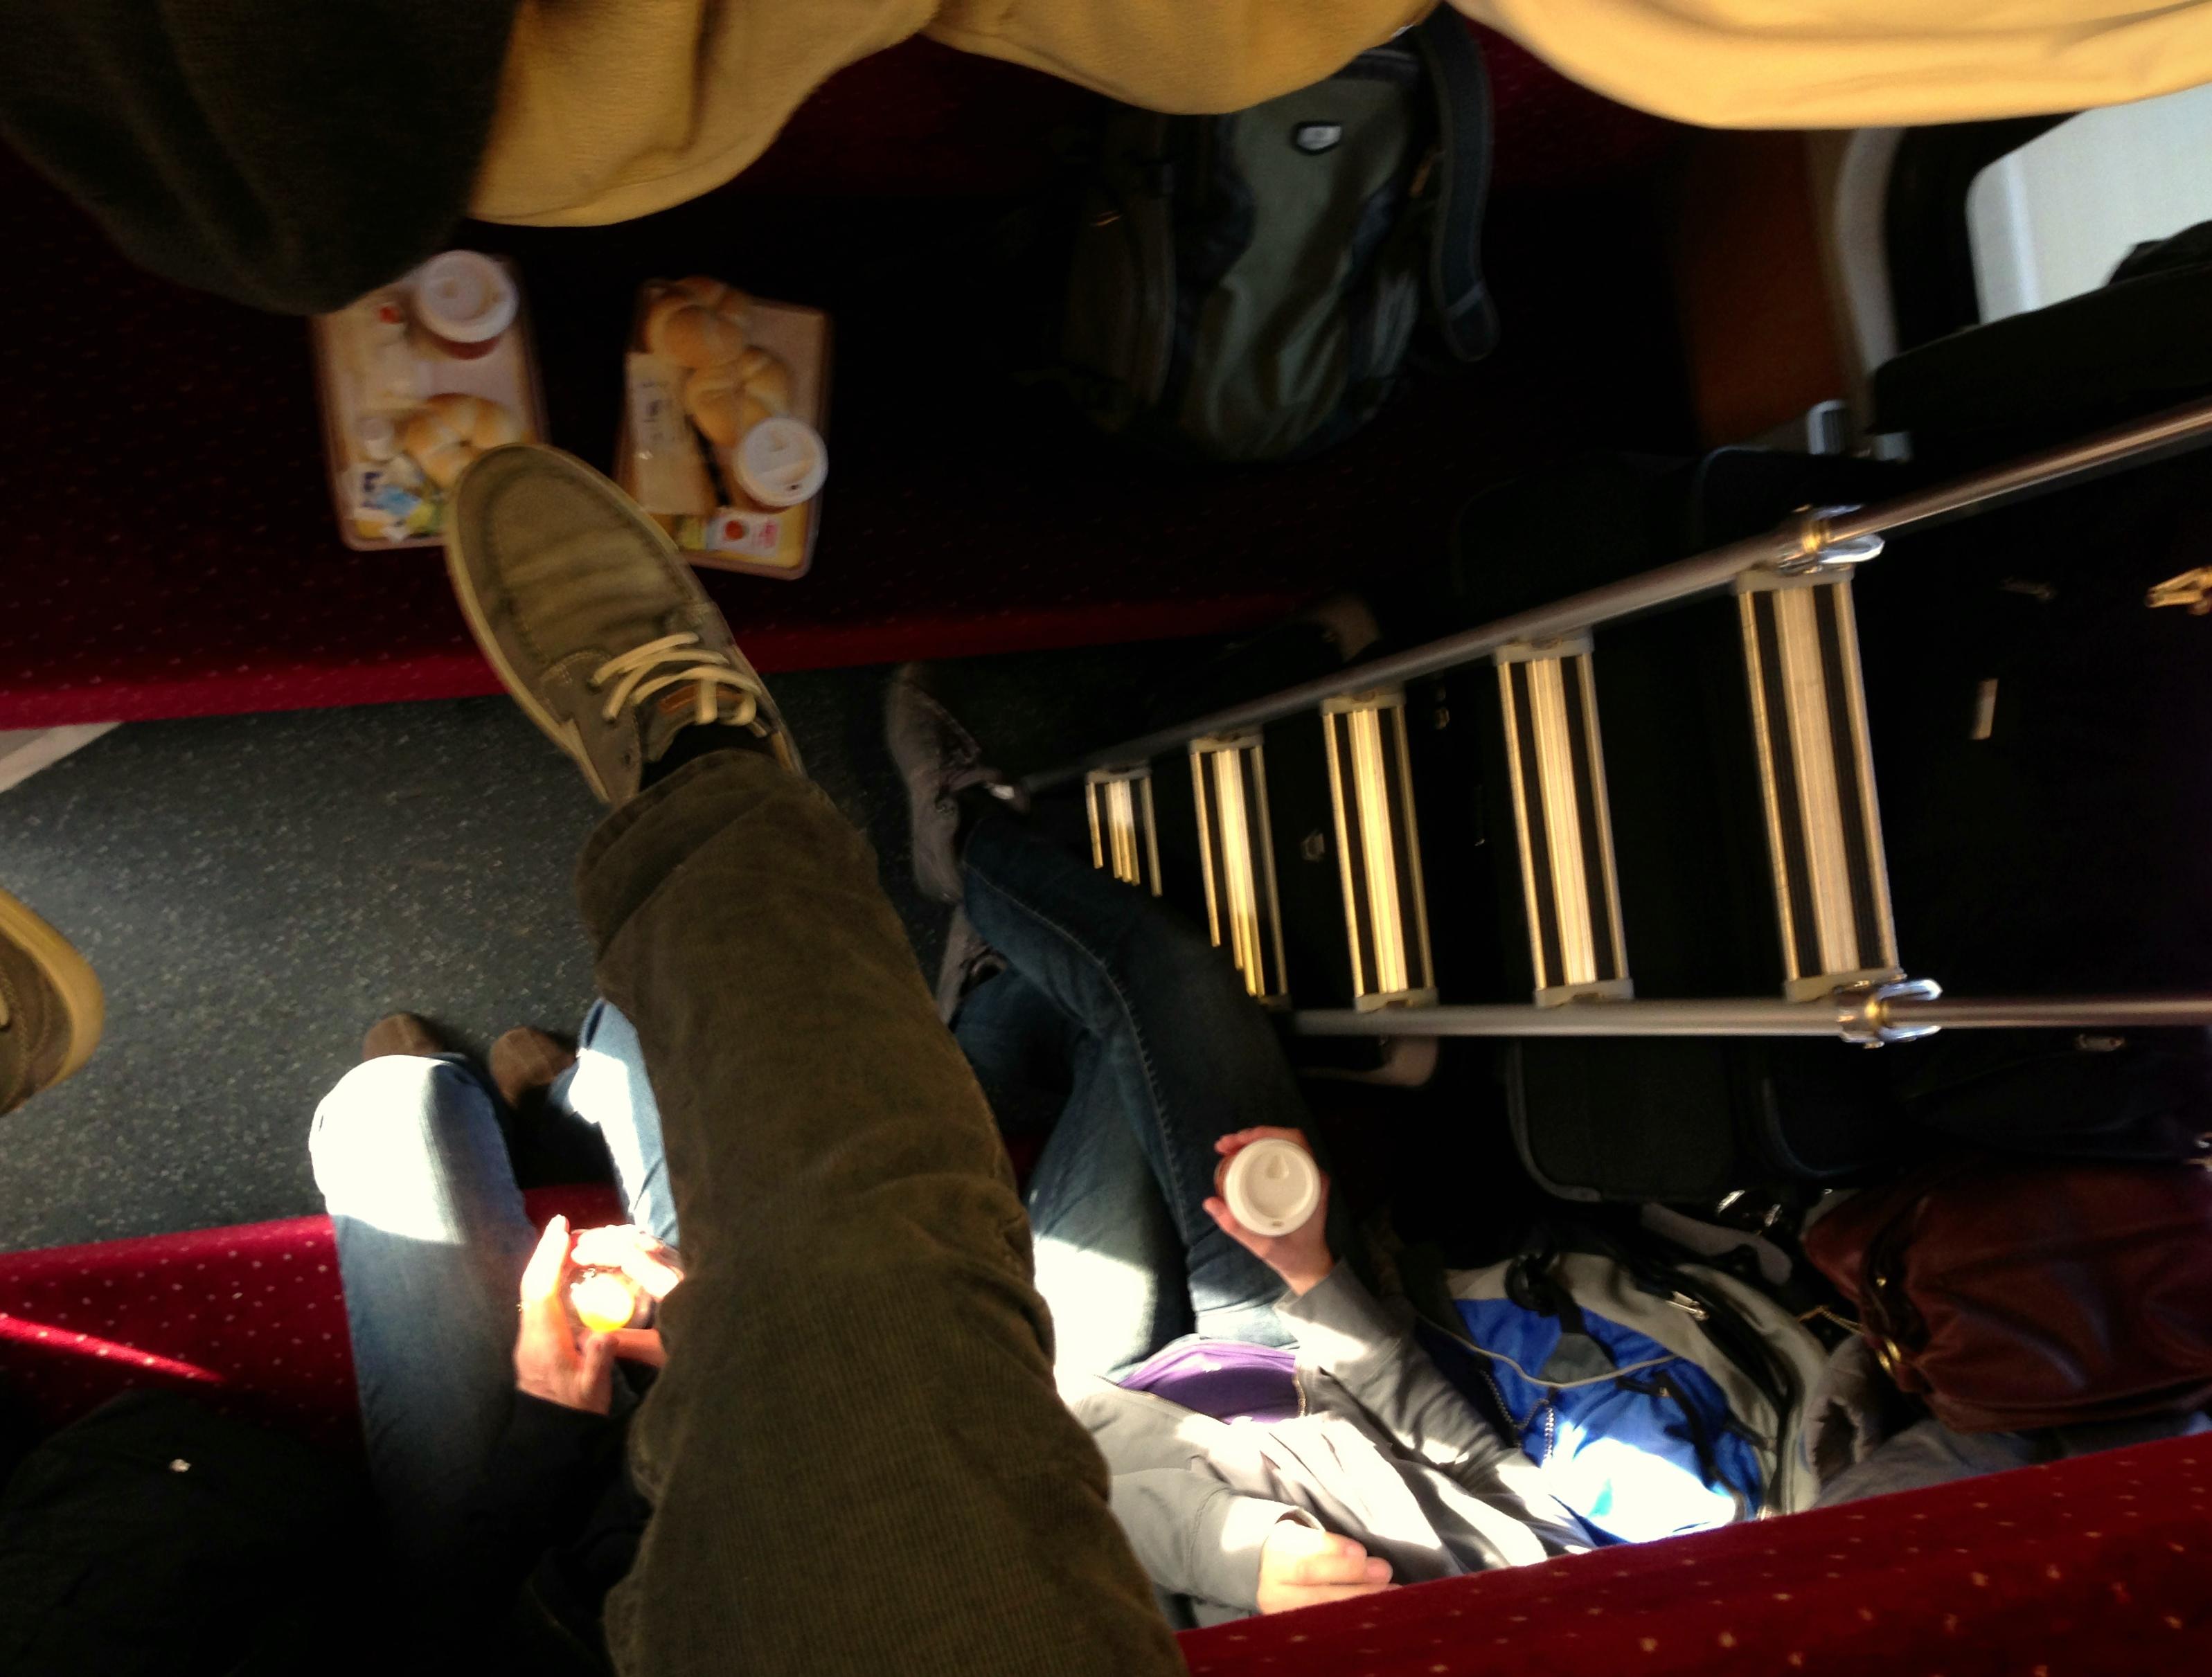 Nočním vlakem po Evropě – exotika v srdci kontinentu